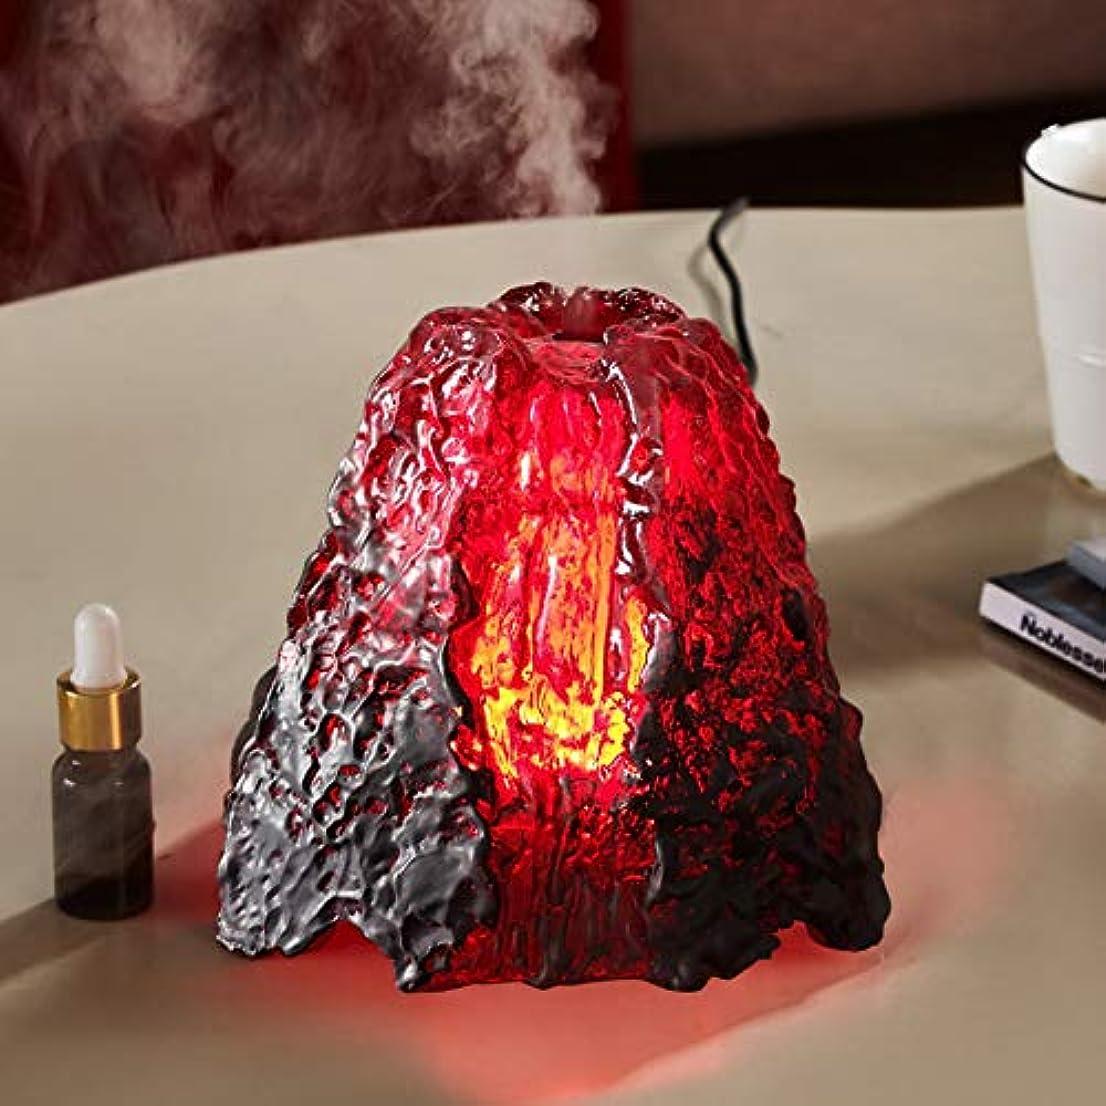 一貫性のない居間カフェ樹脂 火山 7 色 加湿器,デスクトップ 涼しい霧 加湿機 調整可能 精油 ディフューザー アロマネブライザー 空気を浄化 Yoga- 200ml